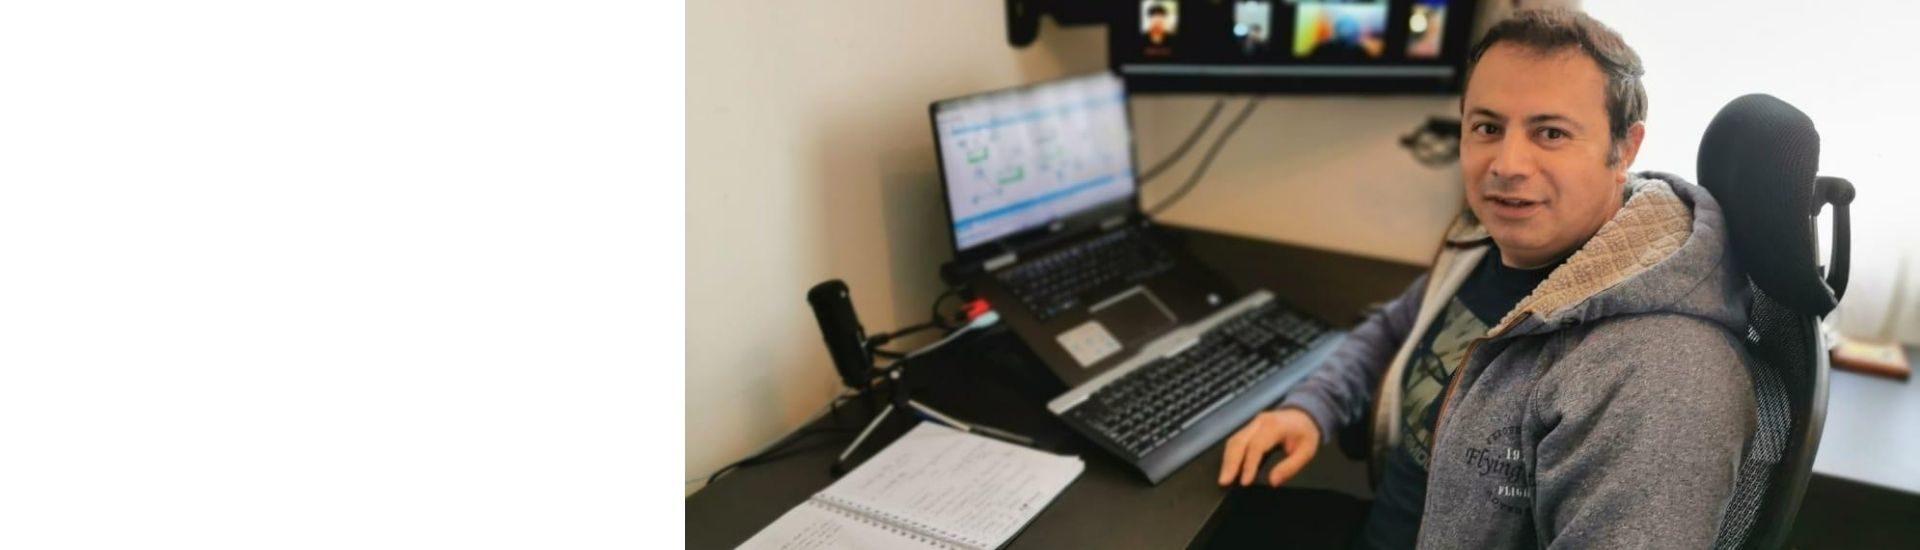 imagen del profesor Gerardo, durante una clase en línea con sus estudiantes